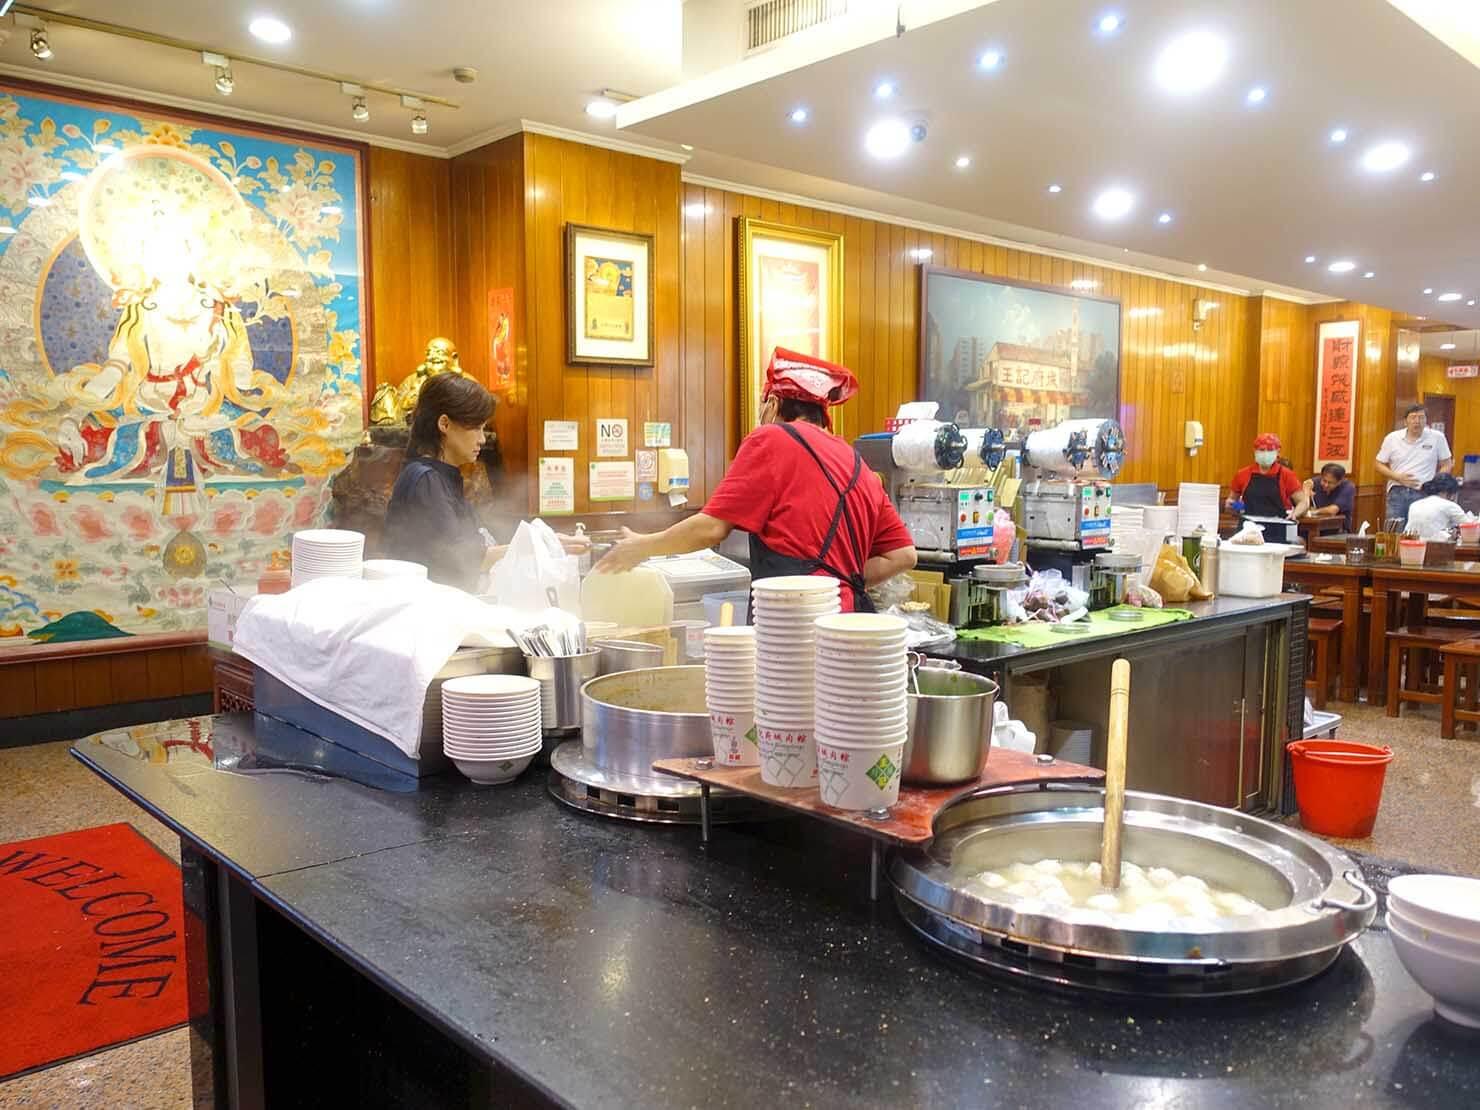 台北・南京復興駅周辺のおすすめグルメ店「王記府城肉粽」のカウンター